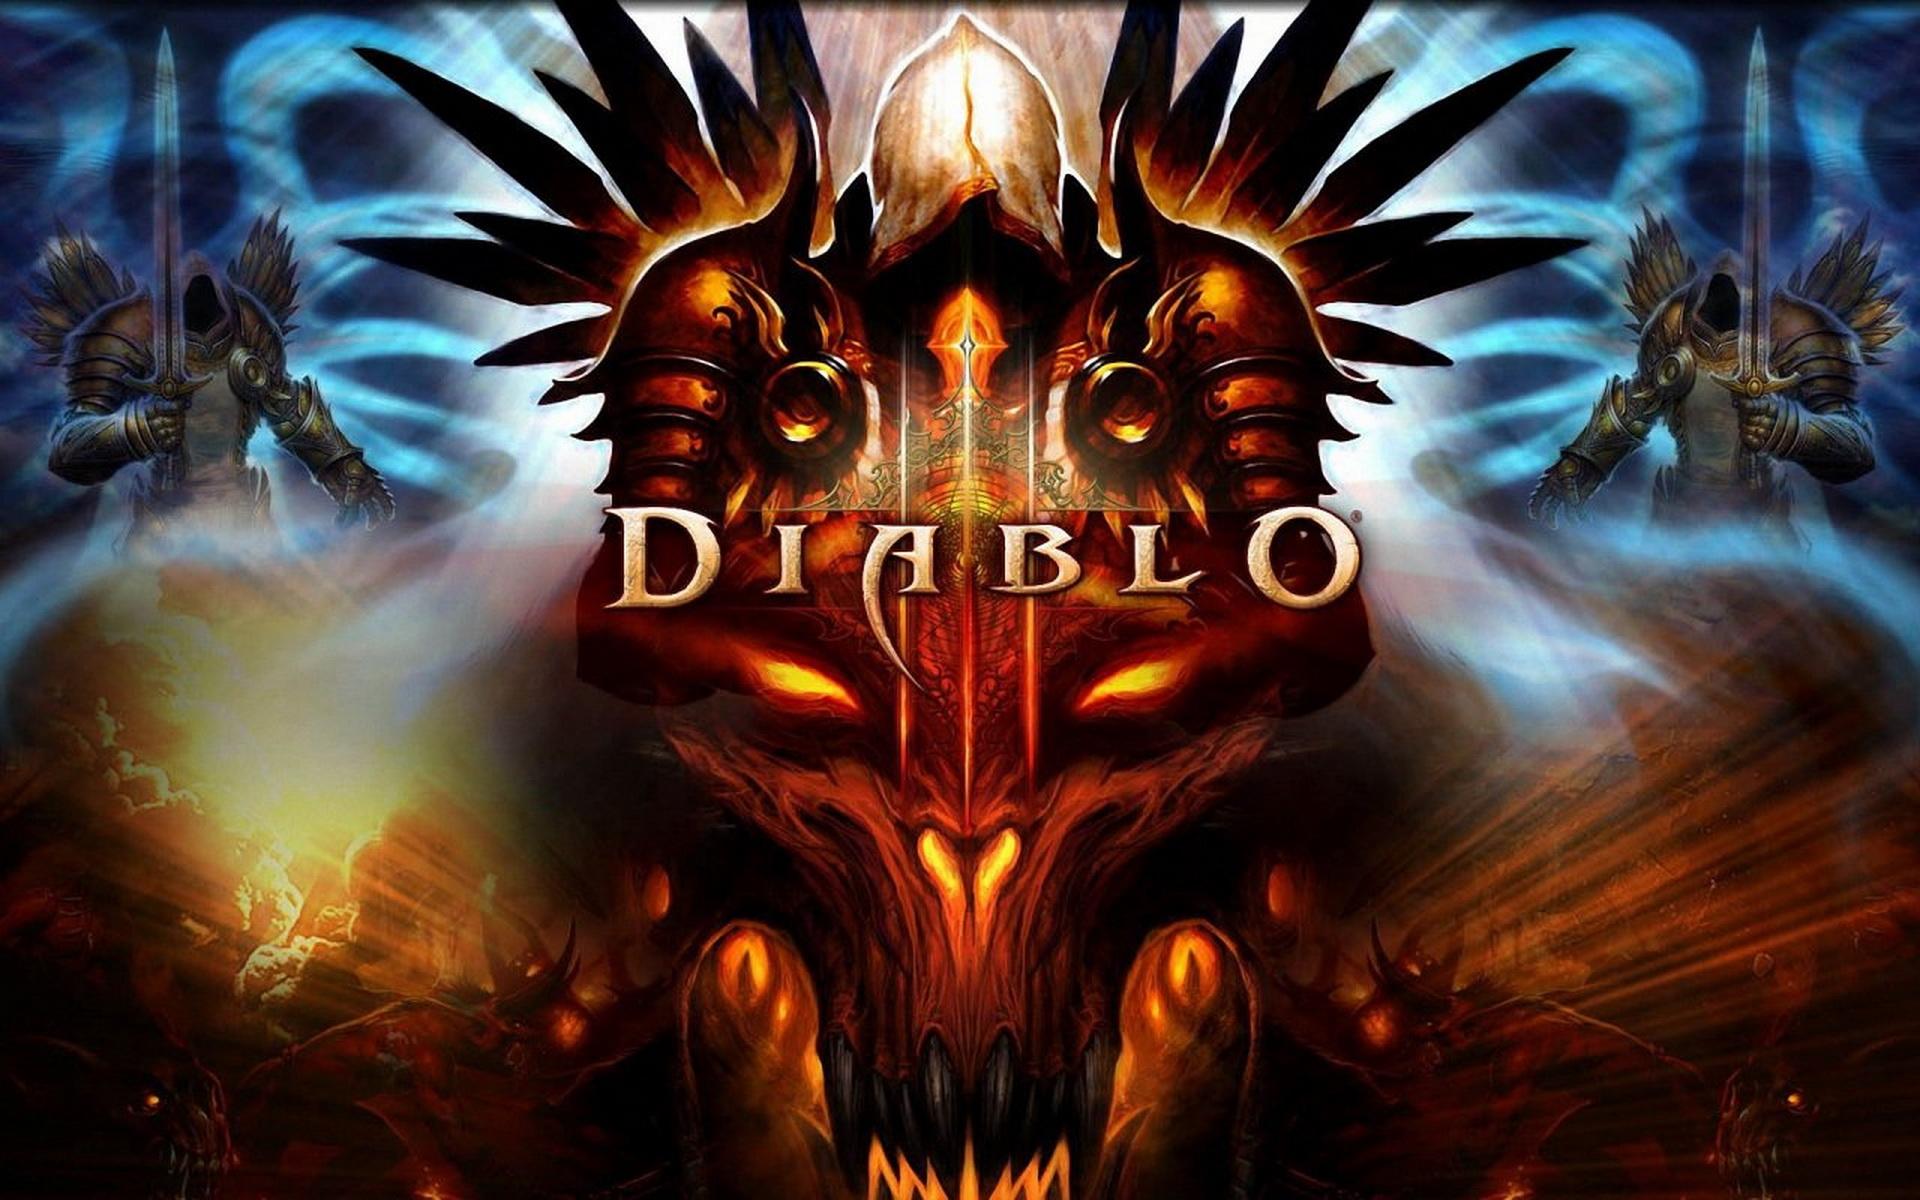 Diablo 3 Wallpaper 1920x1080: Diablo III HD Wallpaper